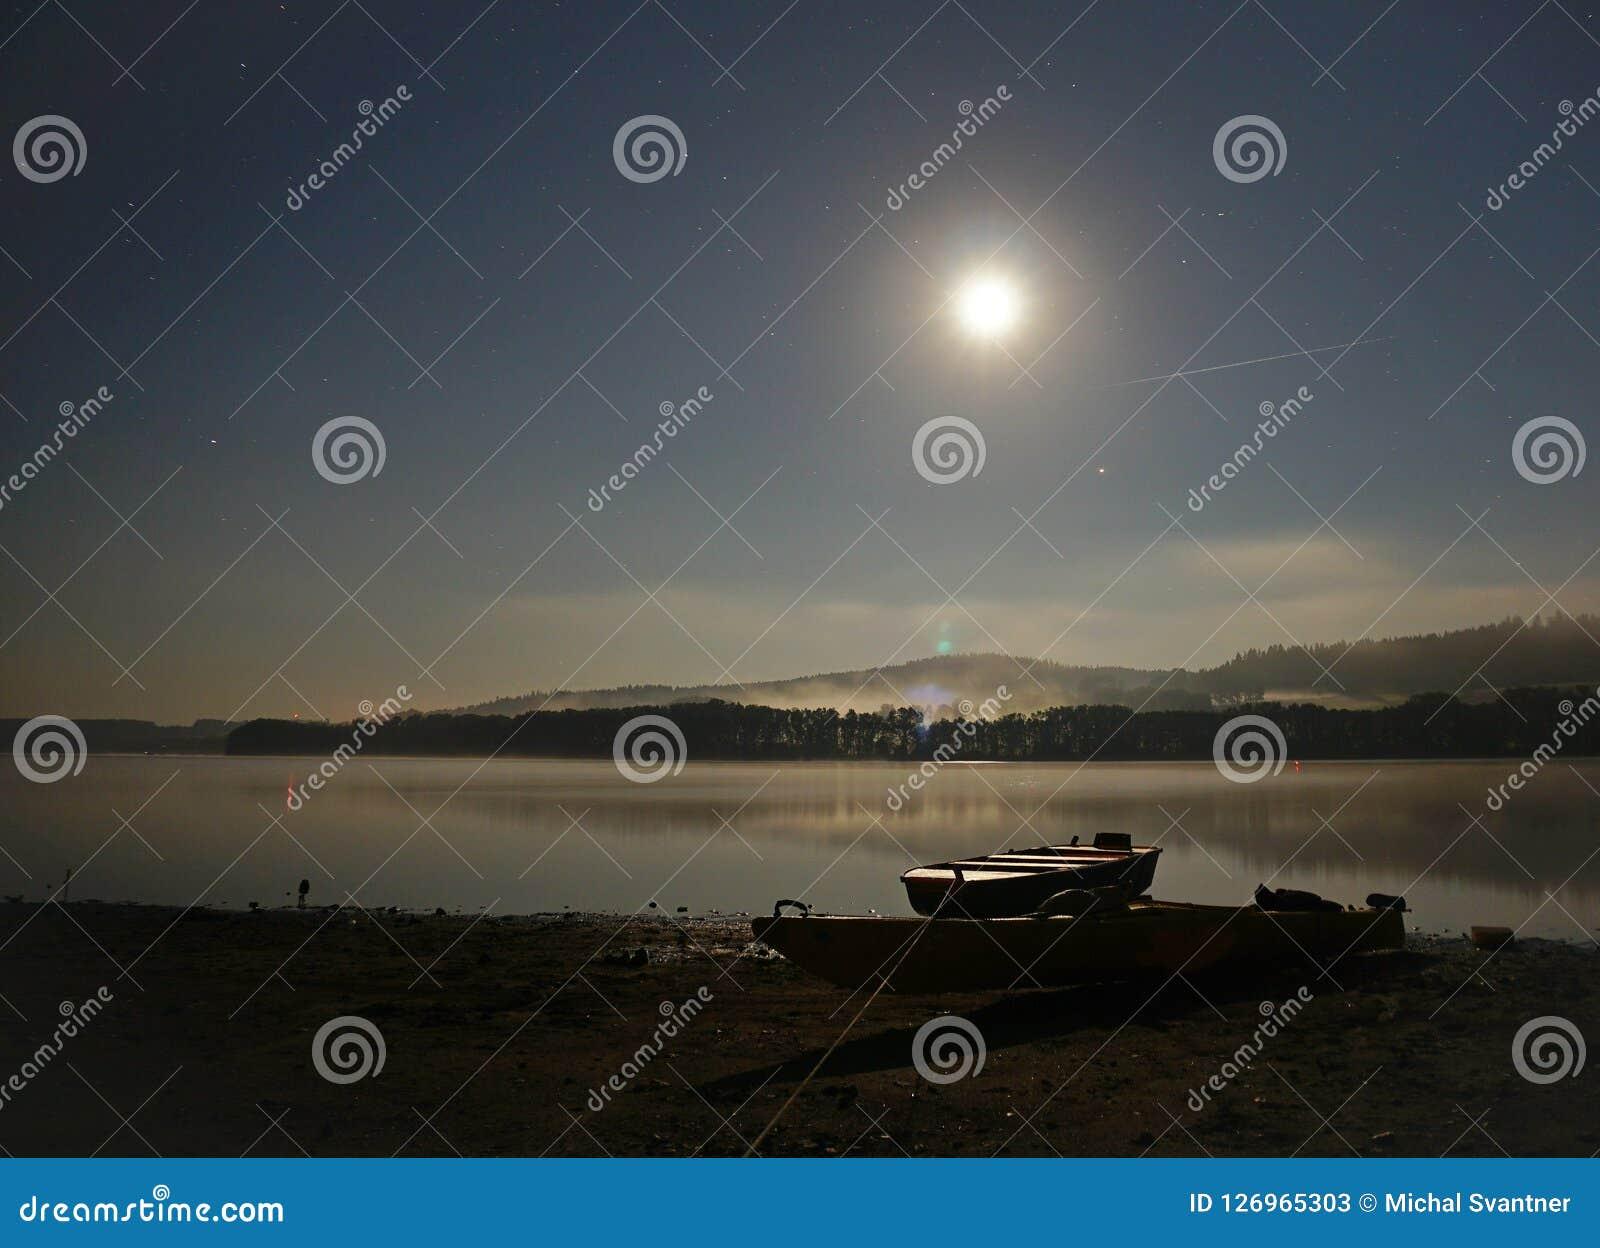 Måne över vatten på natten